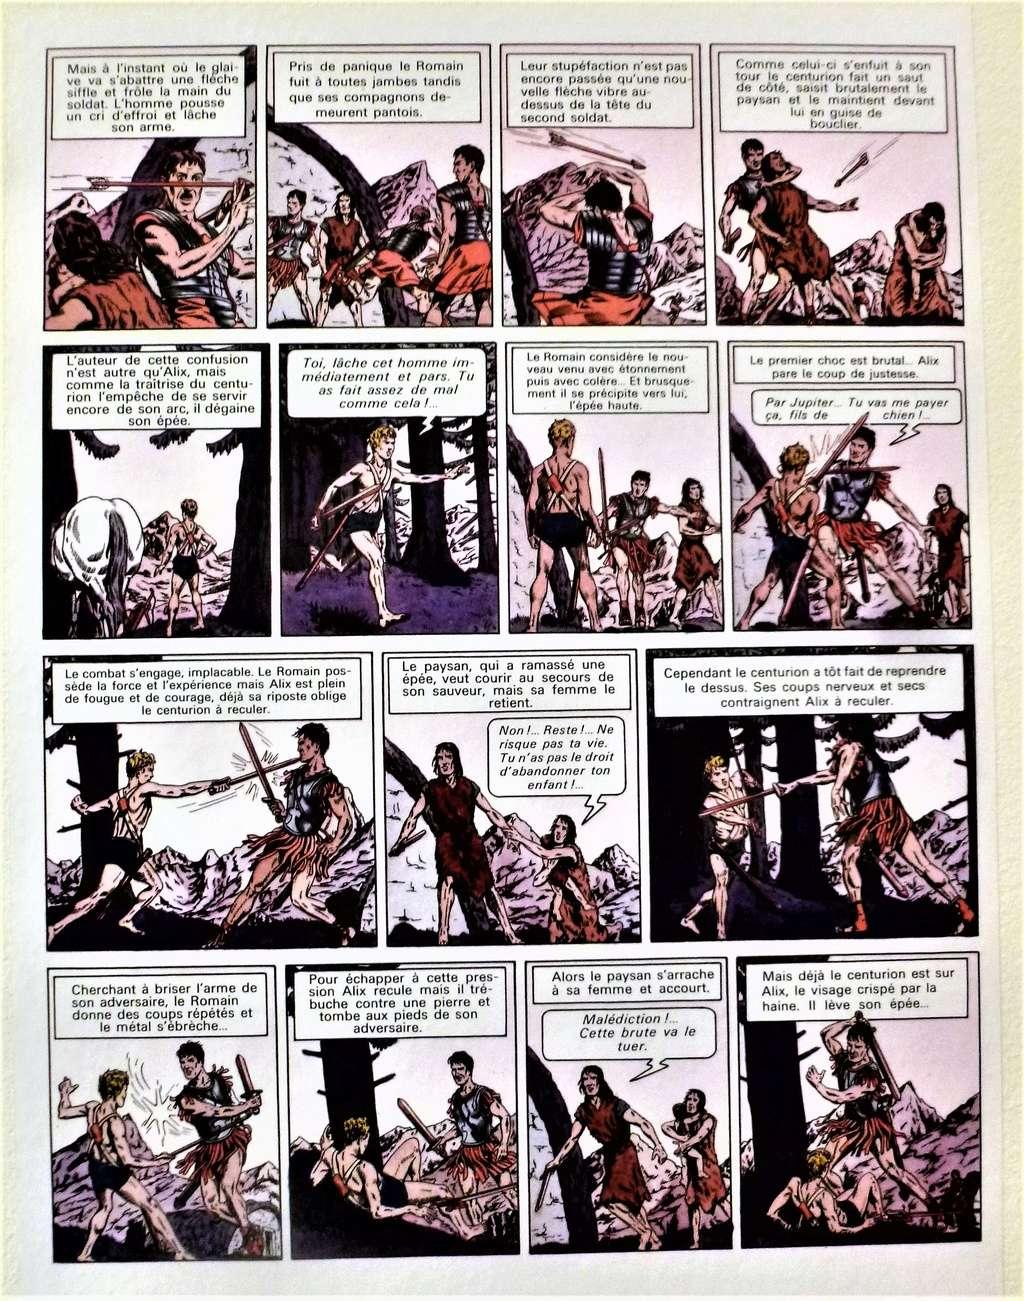 expositions consacrées à Alix - Page 4 P1420033